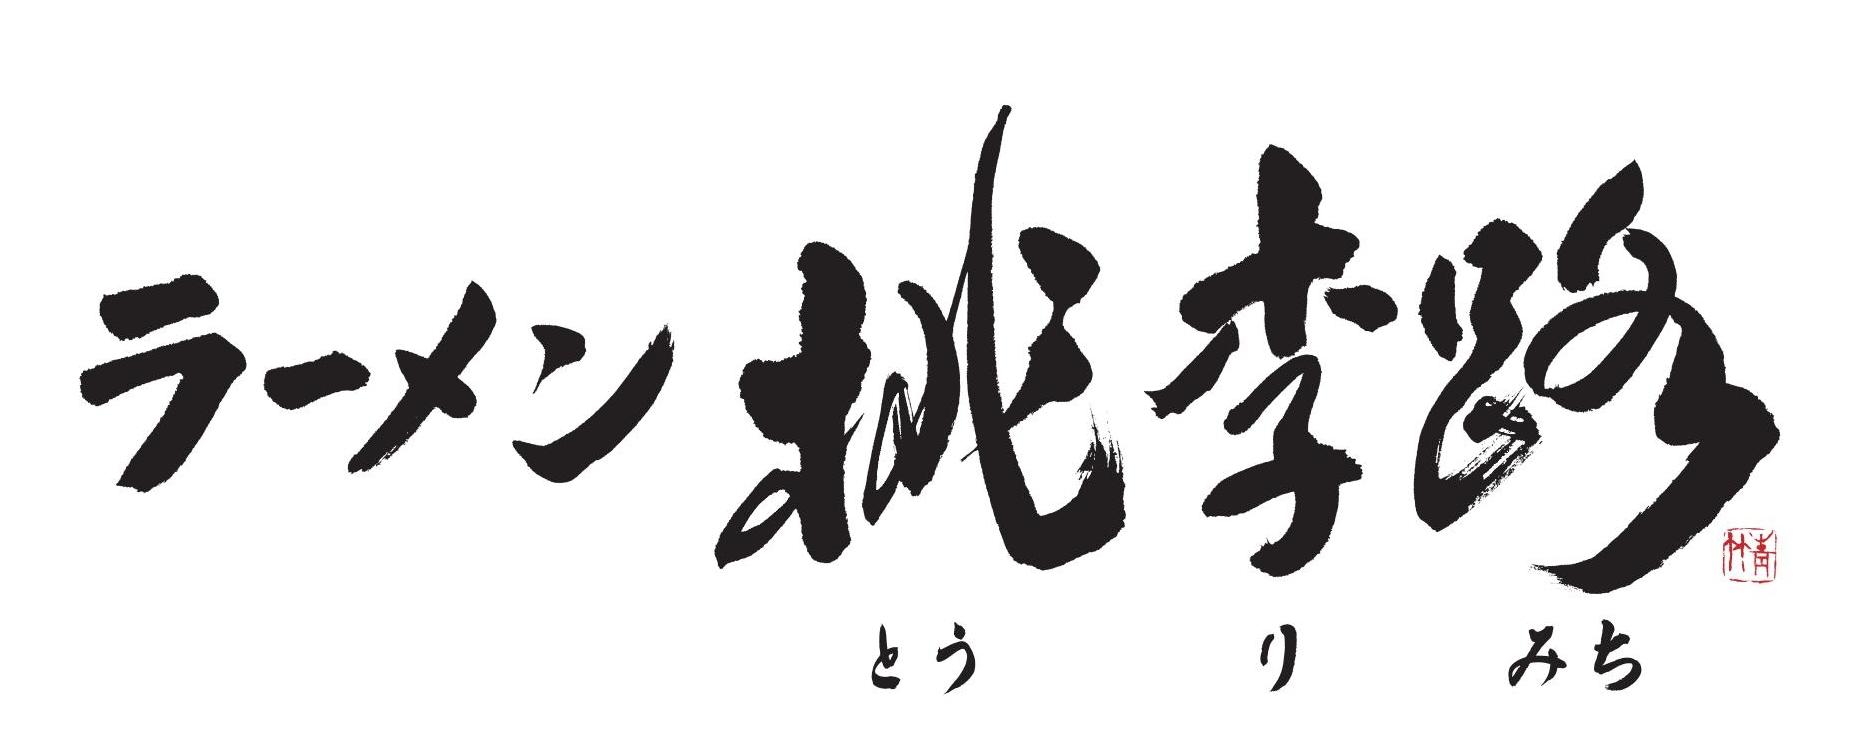 桃李路ロゴ印付img_011.jpeg